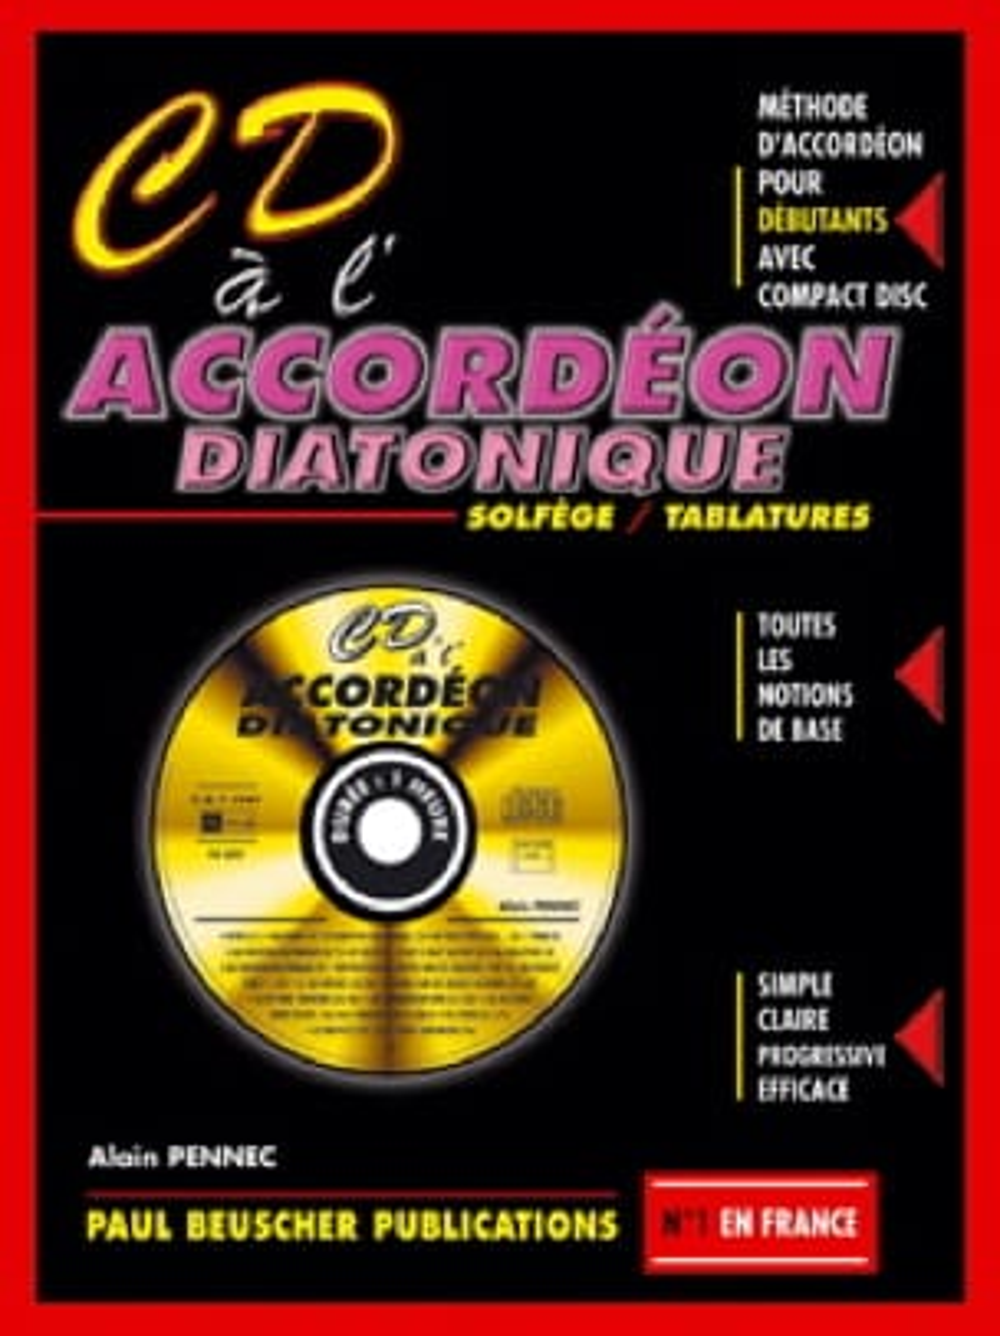 CD à l'accordéon diatonique - Alain Pennec - laflutedepan.com